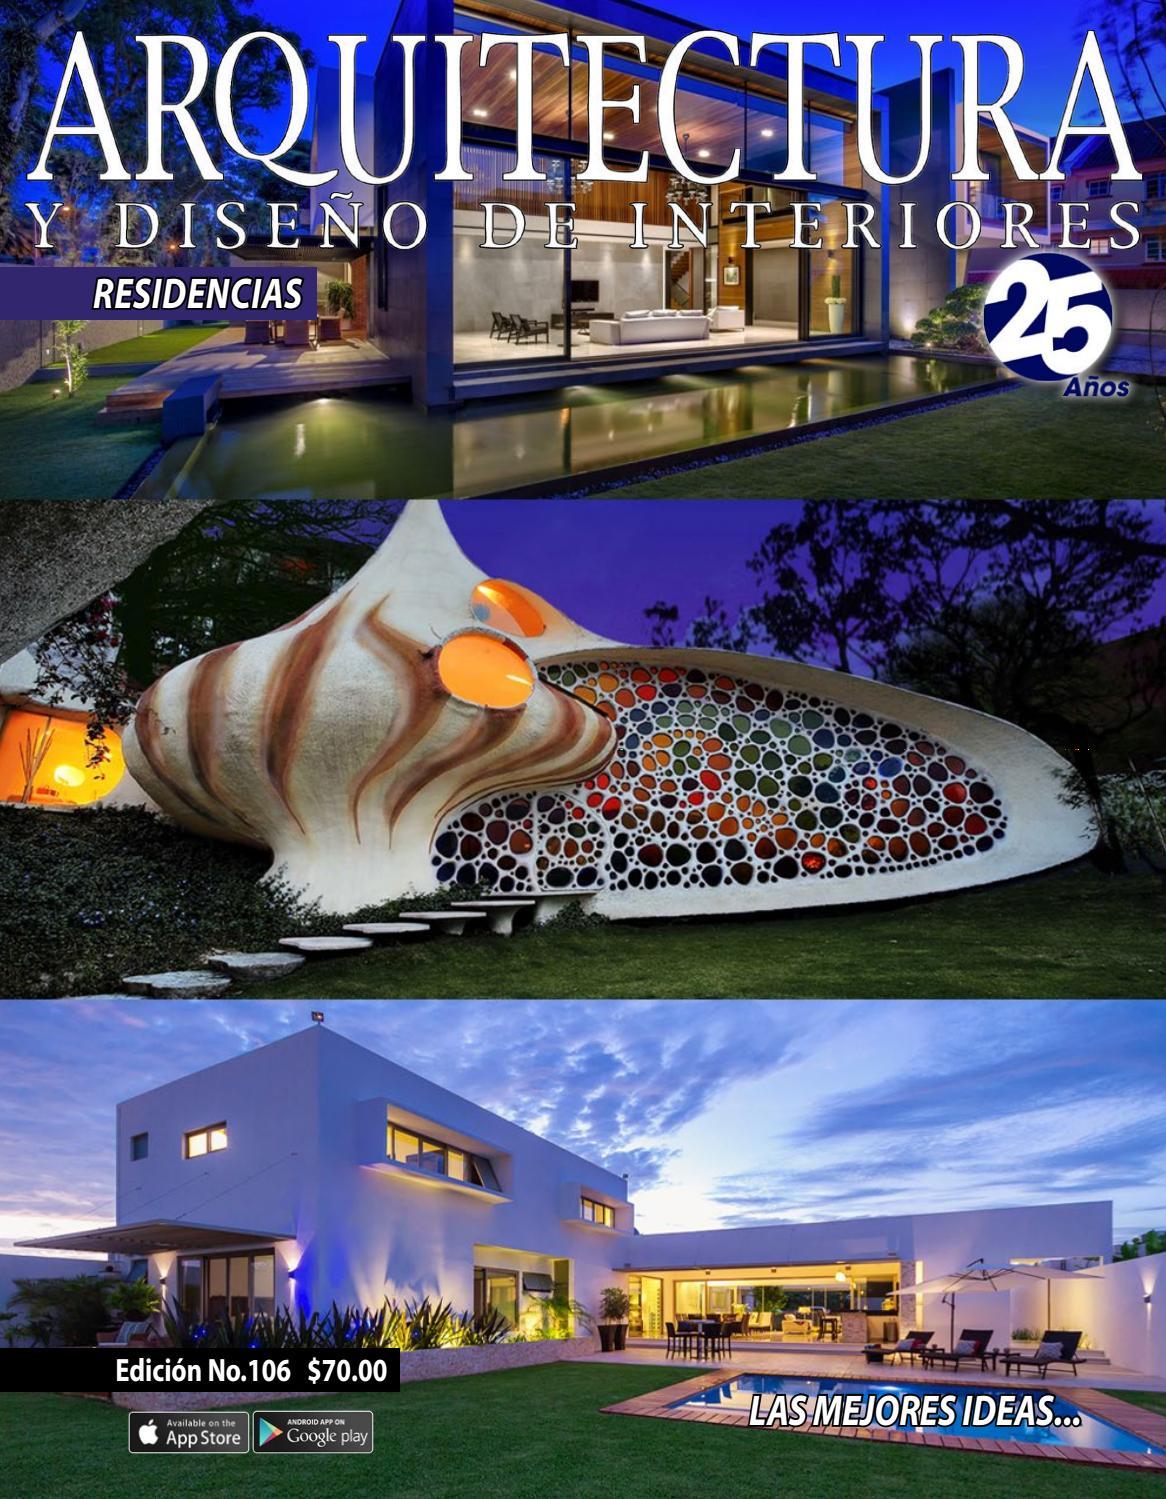 Arquitectura y dise o de interiores ed dig 106 by Diseno de ambientes y arquitectura de interiores